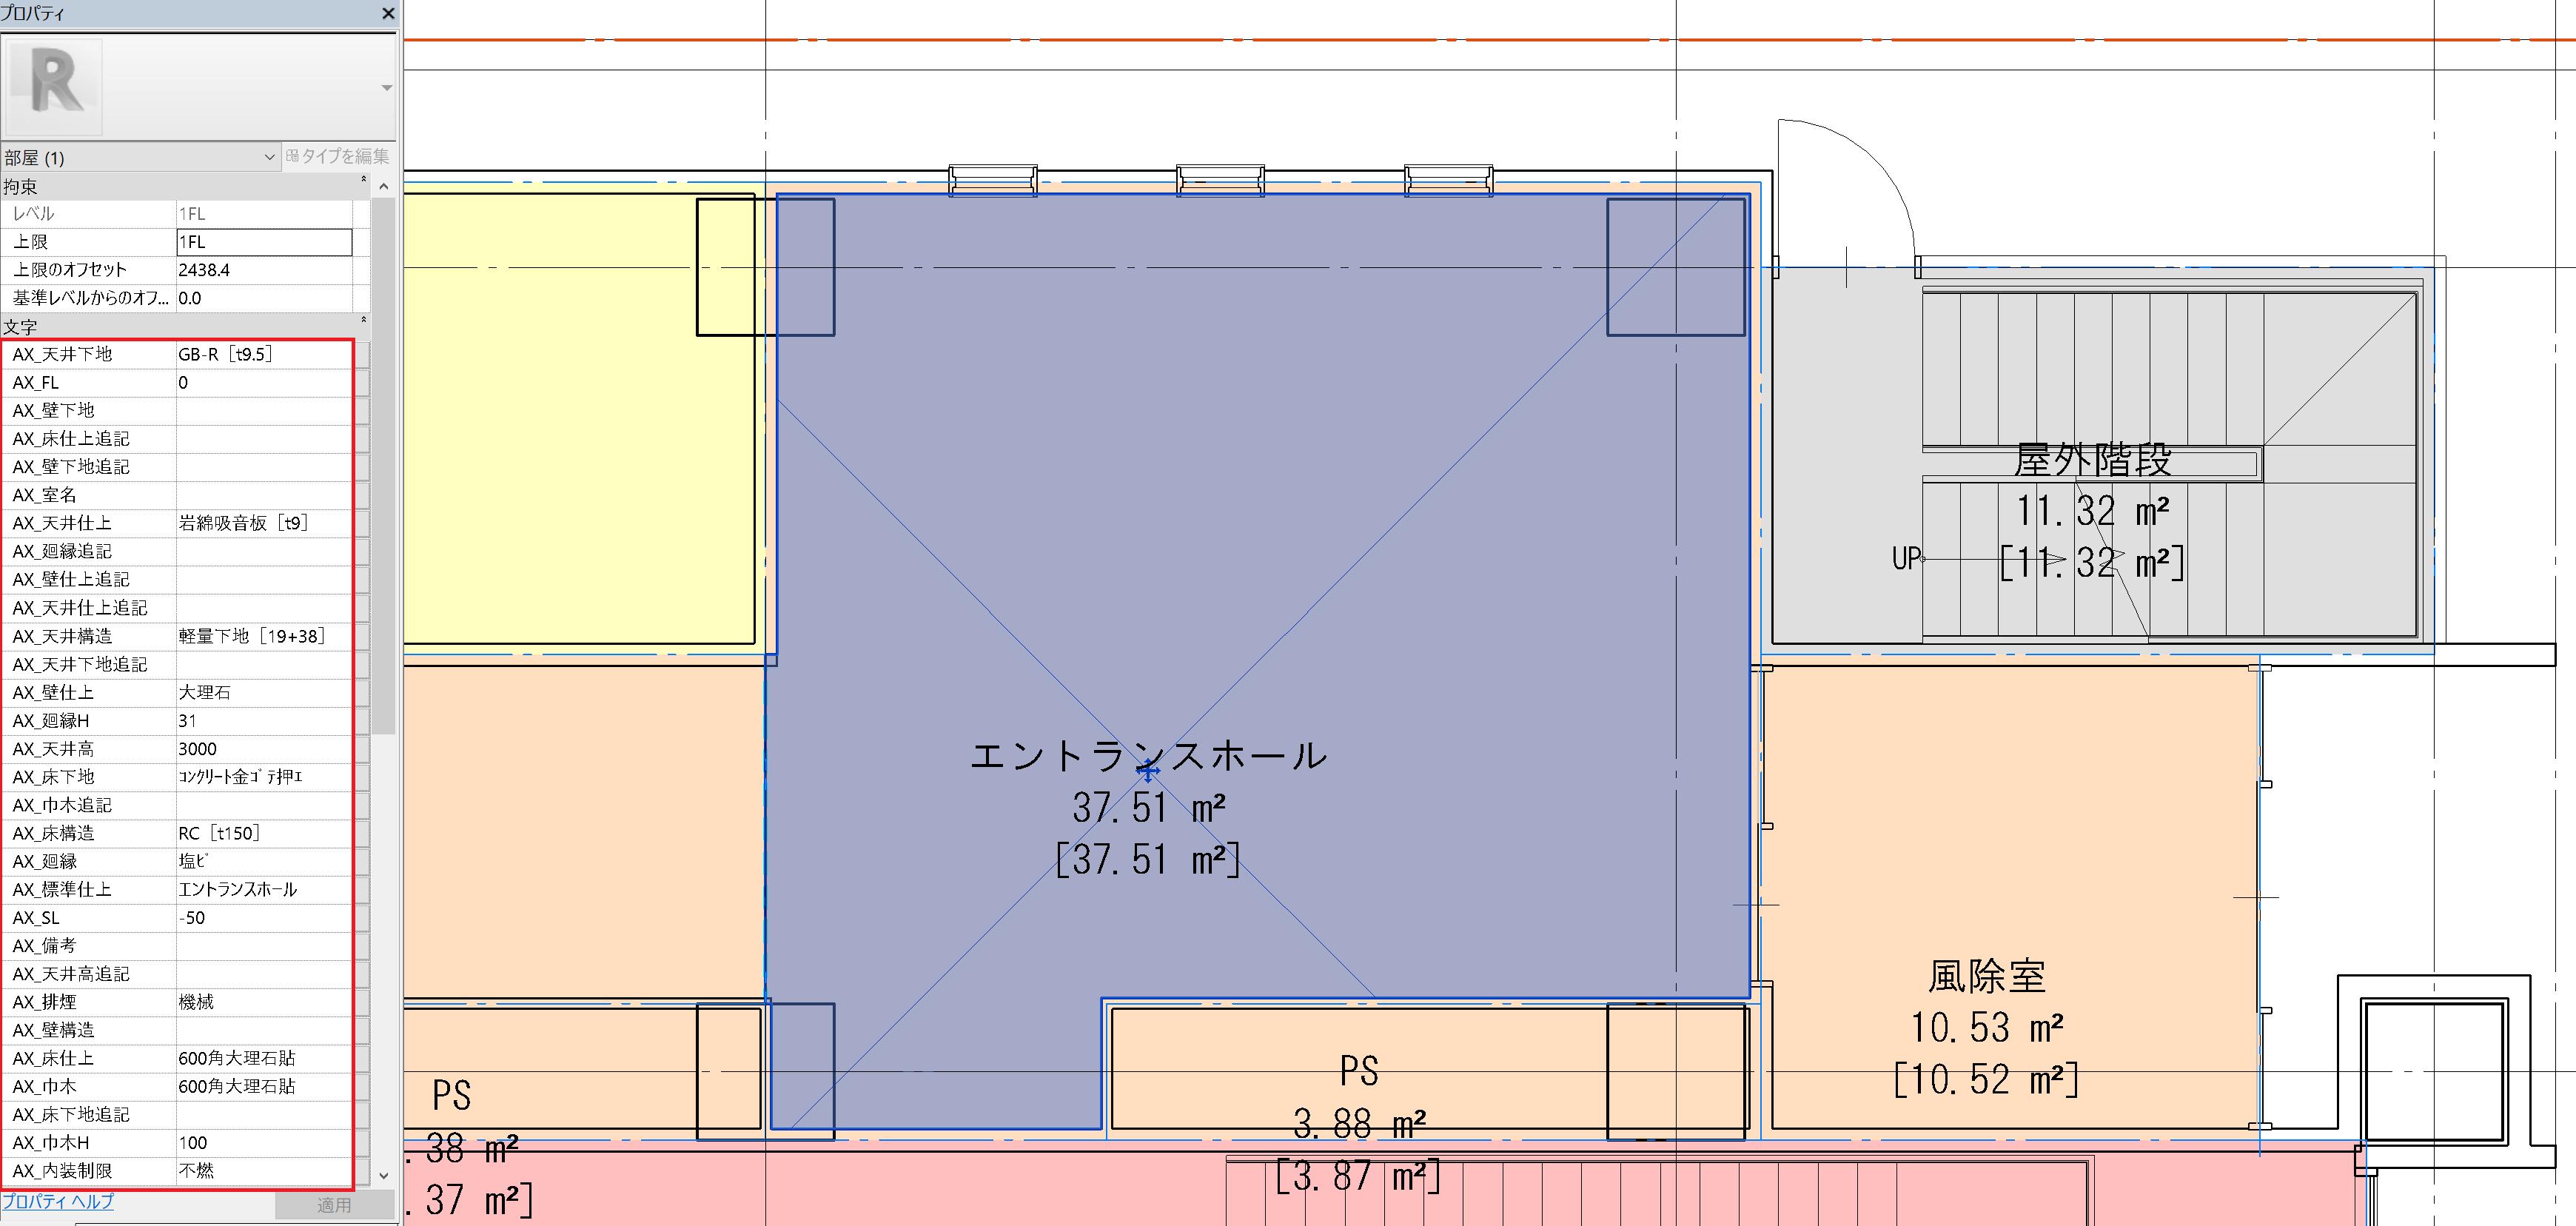 【iD200】⑤標準仕上スタイルリスト